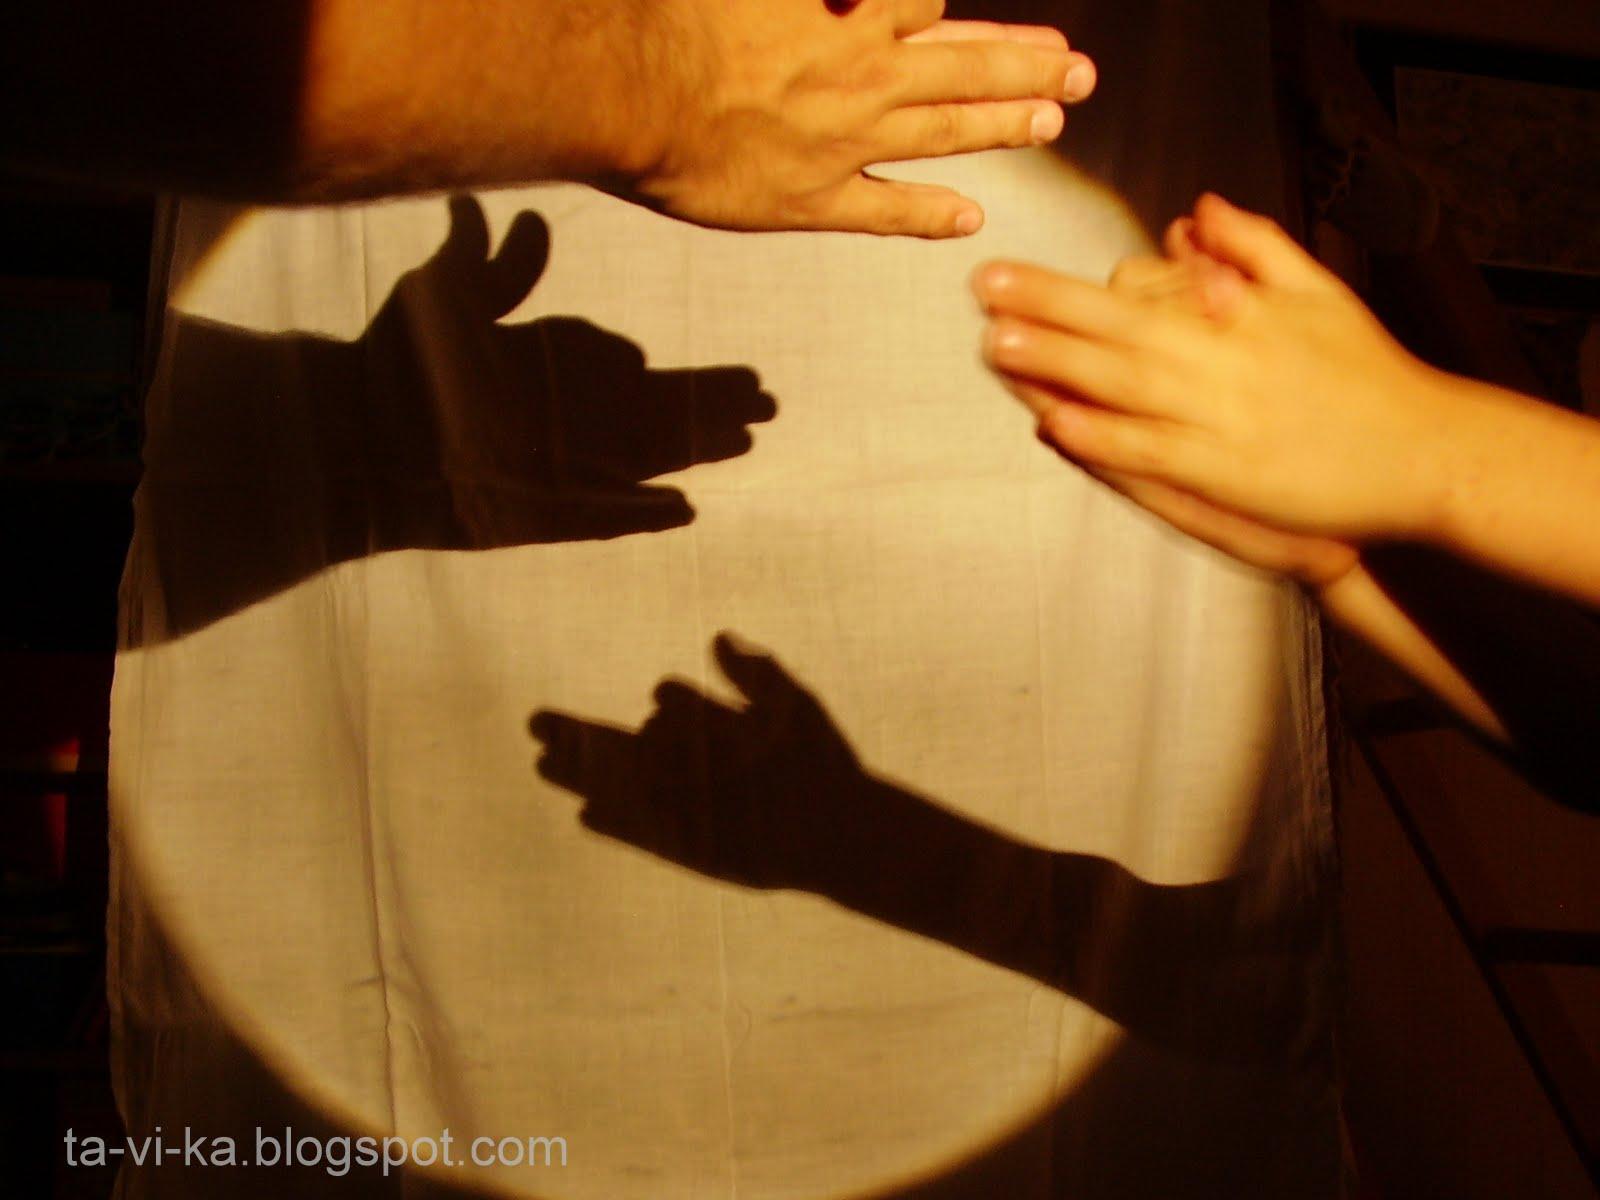 на стене руками тени фото своим